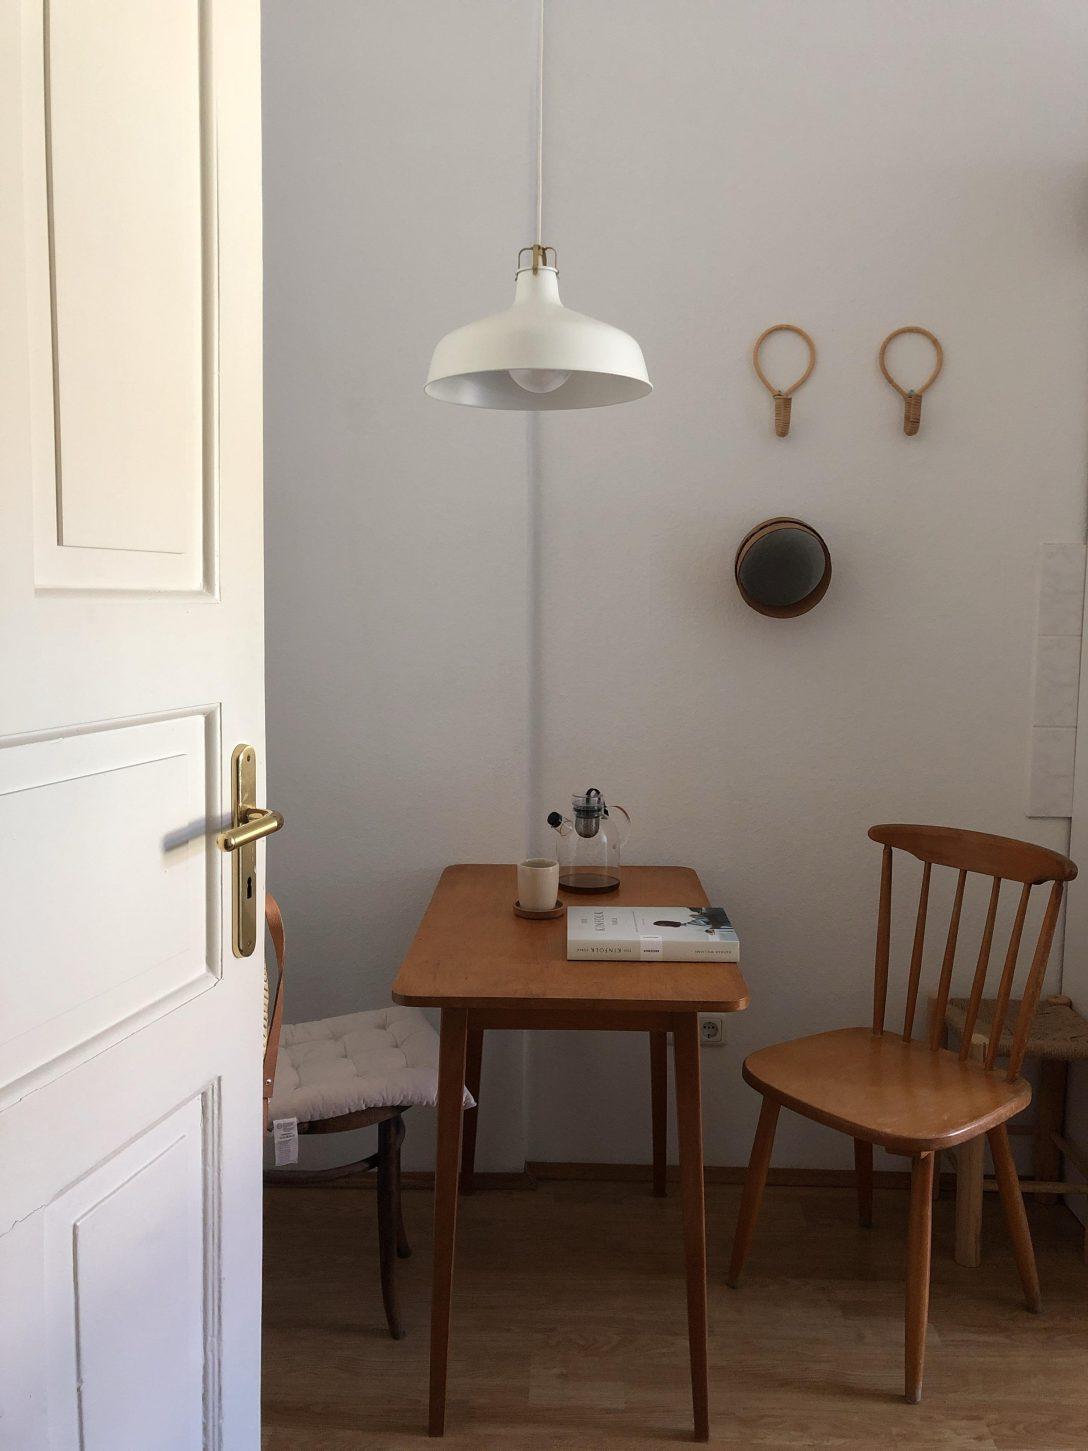 Large Size of Sitzecke So Wird Der Treffpunkt Gemtlich Niederdruck Armatur Küche Bank Modulküche Ikea Wandfliesen Holzküche Ohne Hängeschränke Amerikanische Kaufen Ebay Küche Küche Sitzecke